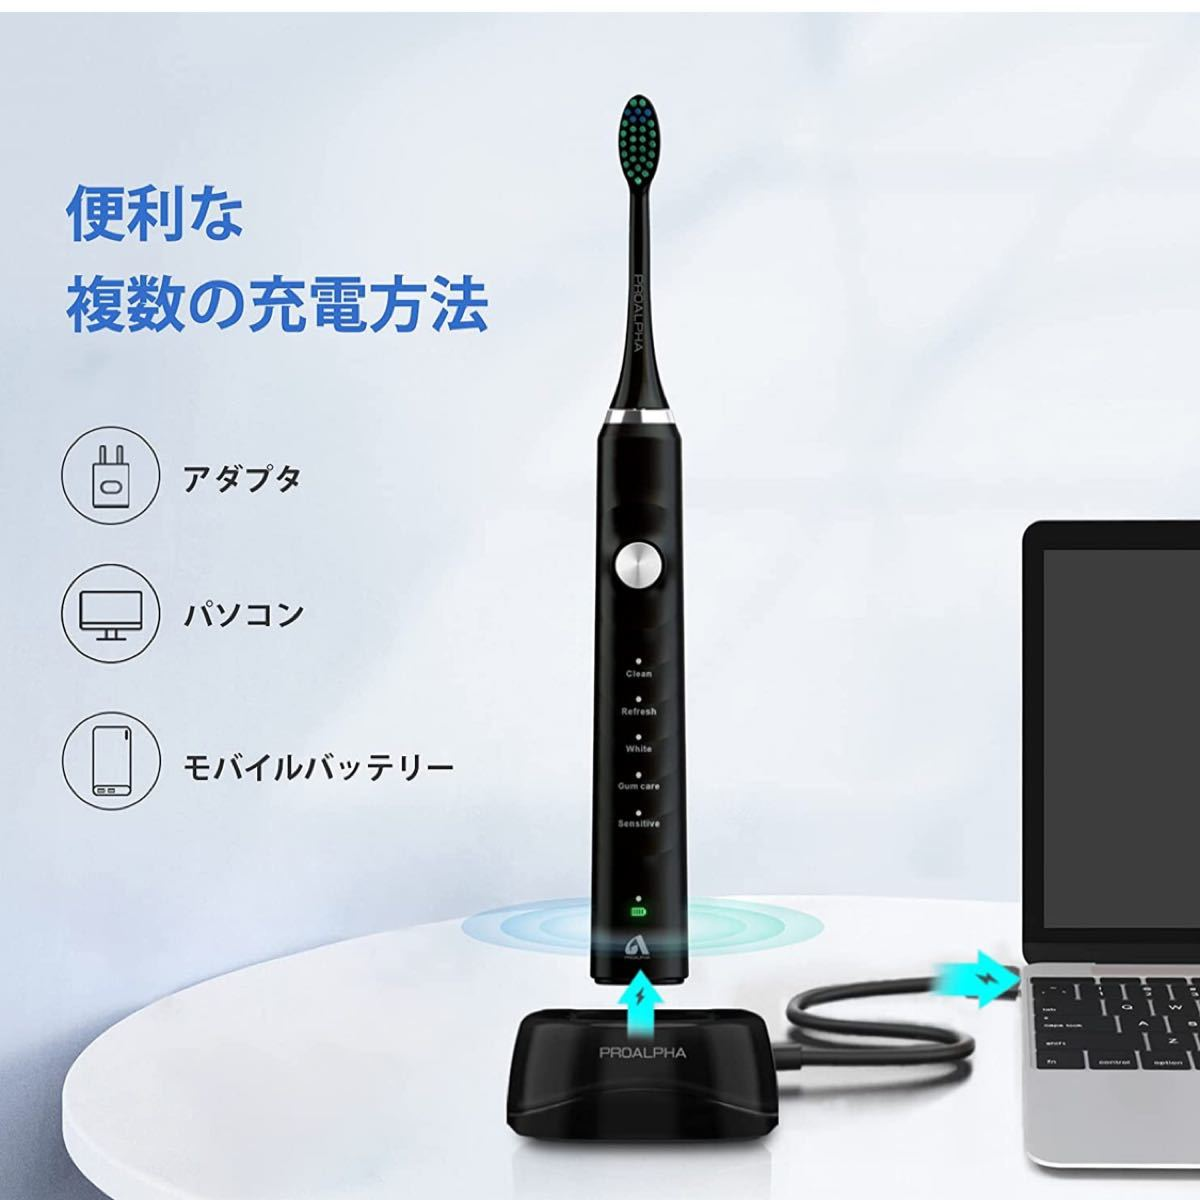 電動歯ブラシ 音波歯ブラシ USB充電式 IPX7防水 替えブラシ5本 5つのモード オートタイマー機能搭載 収納ケース付き